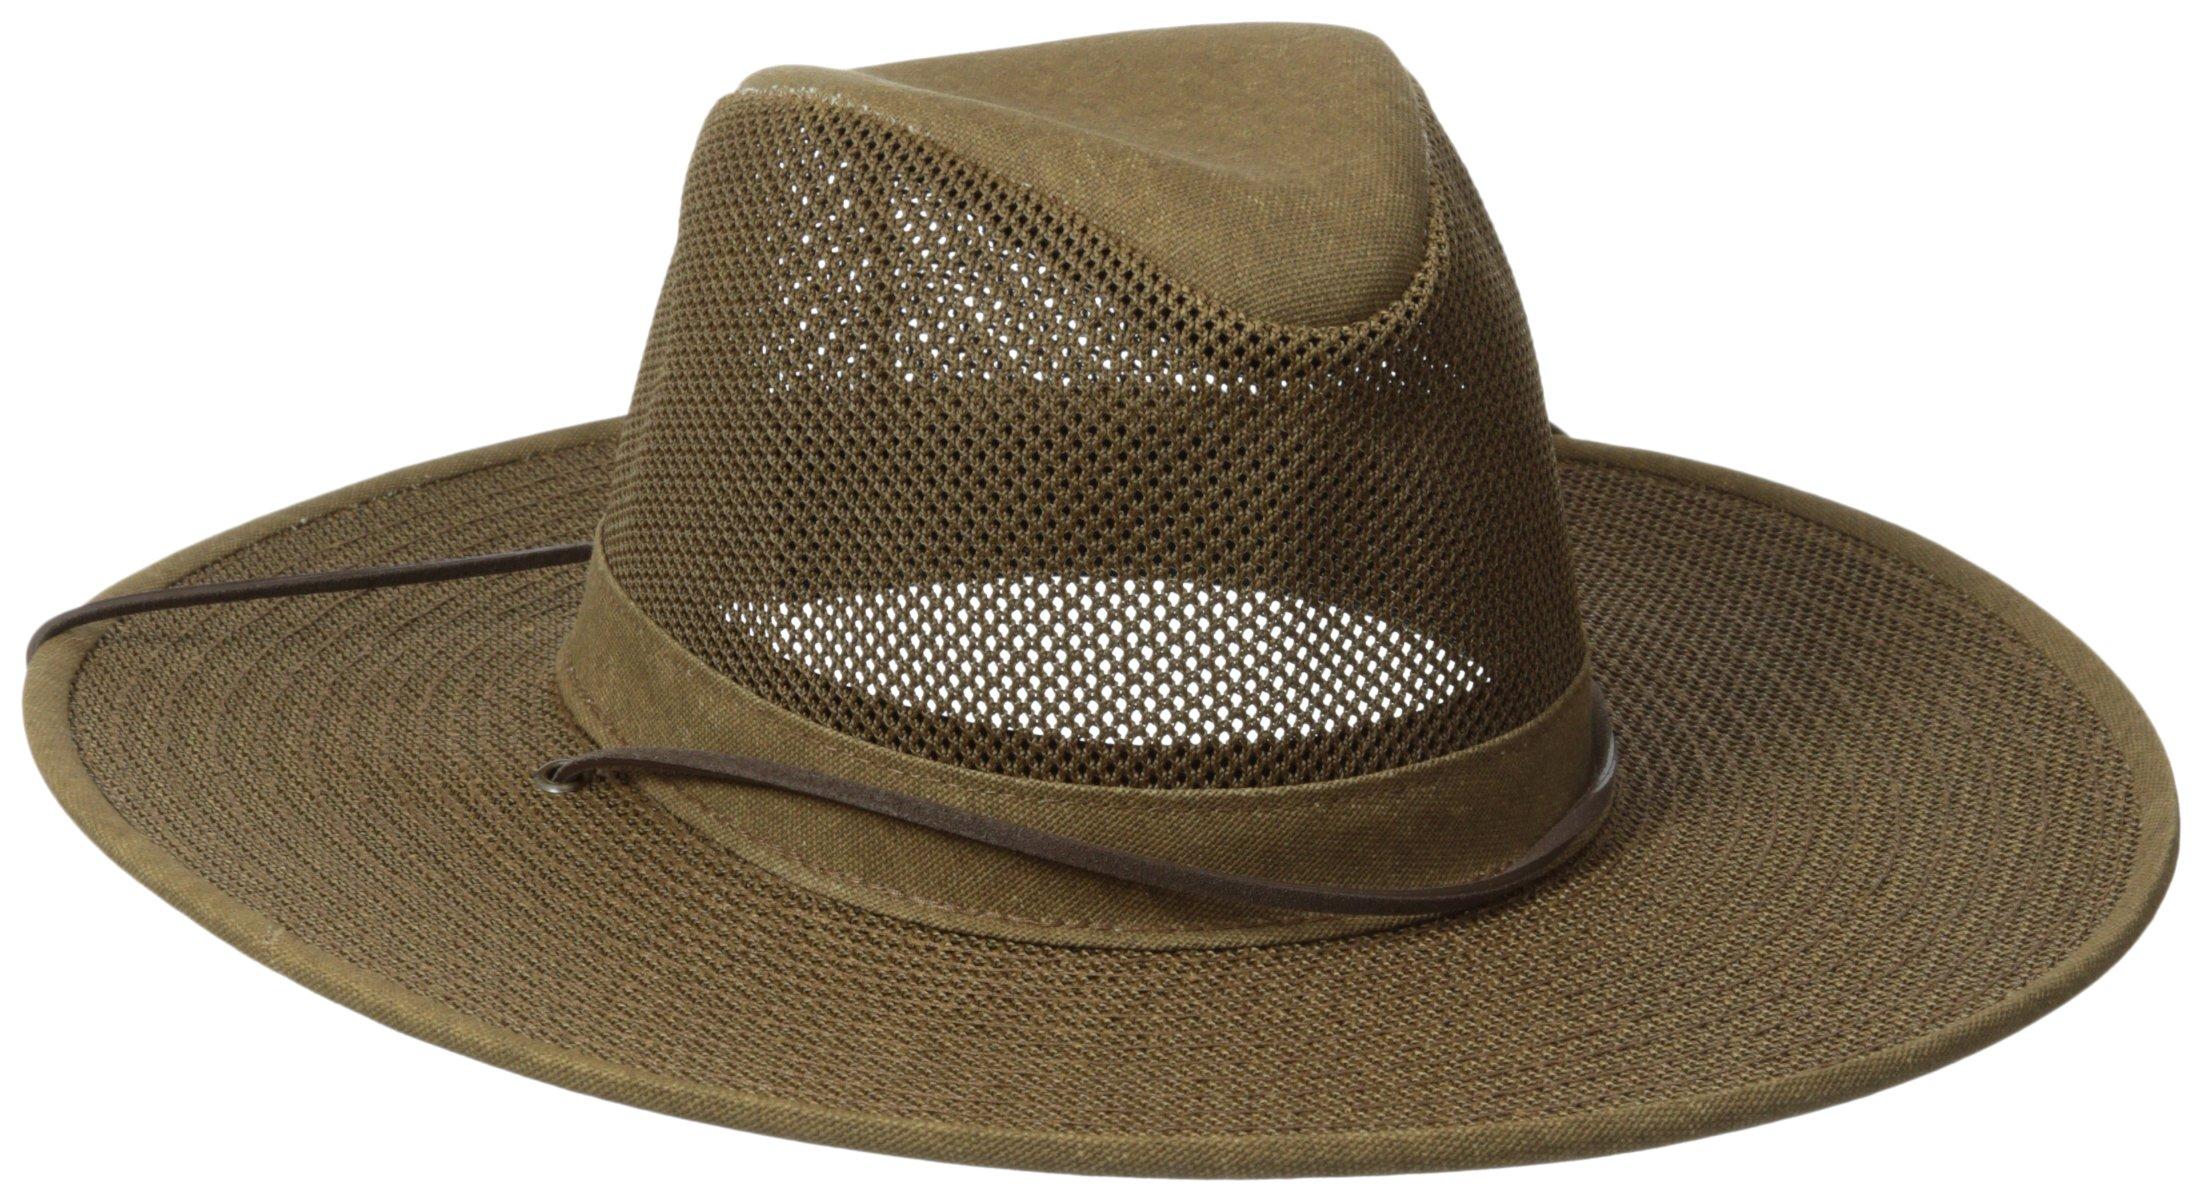 Henschel Crushable Soft Mesh Aussie Breezer Hat, Earth, Medium